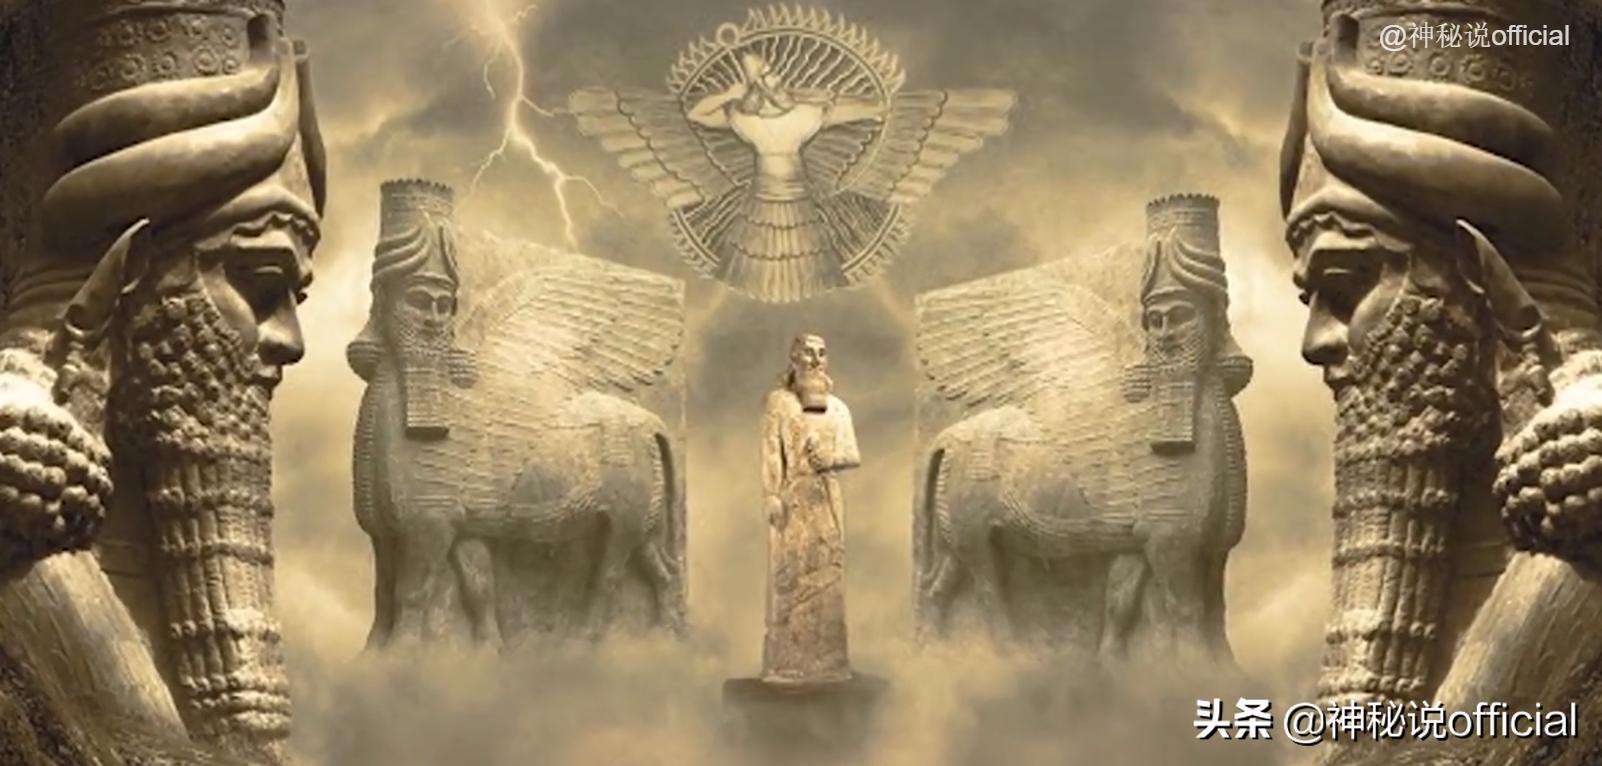 一塊石頭預言人類命運,蘇美爾顛覆三觀,史前存在幾個高度文明?